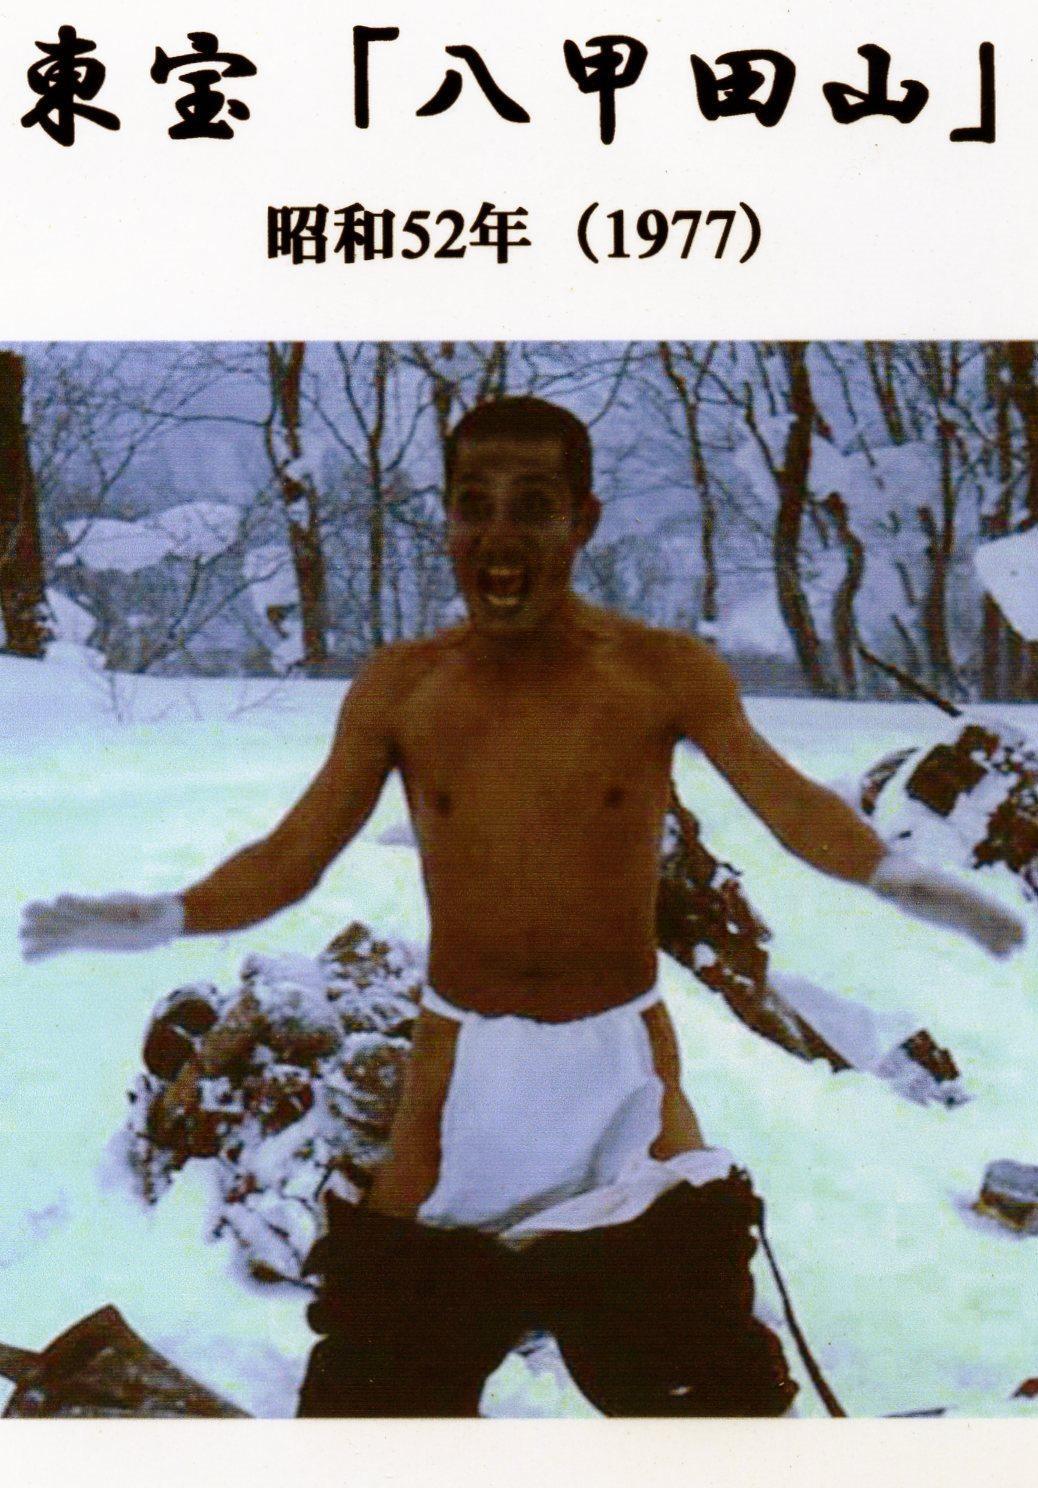 電影劇照中因寒冷發狂脫光光的士兵。(翻攝網路)